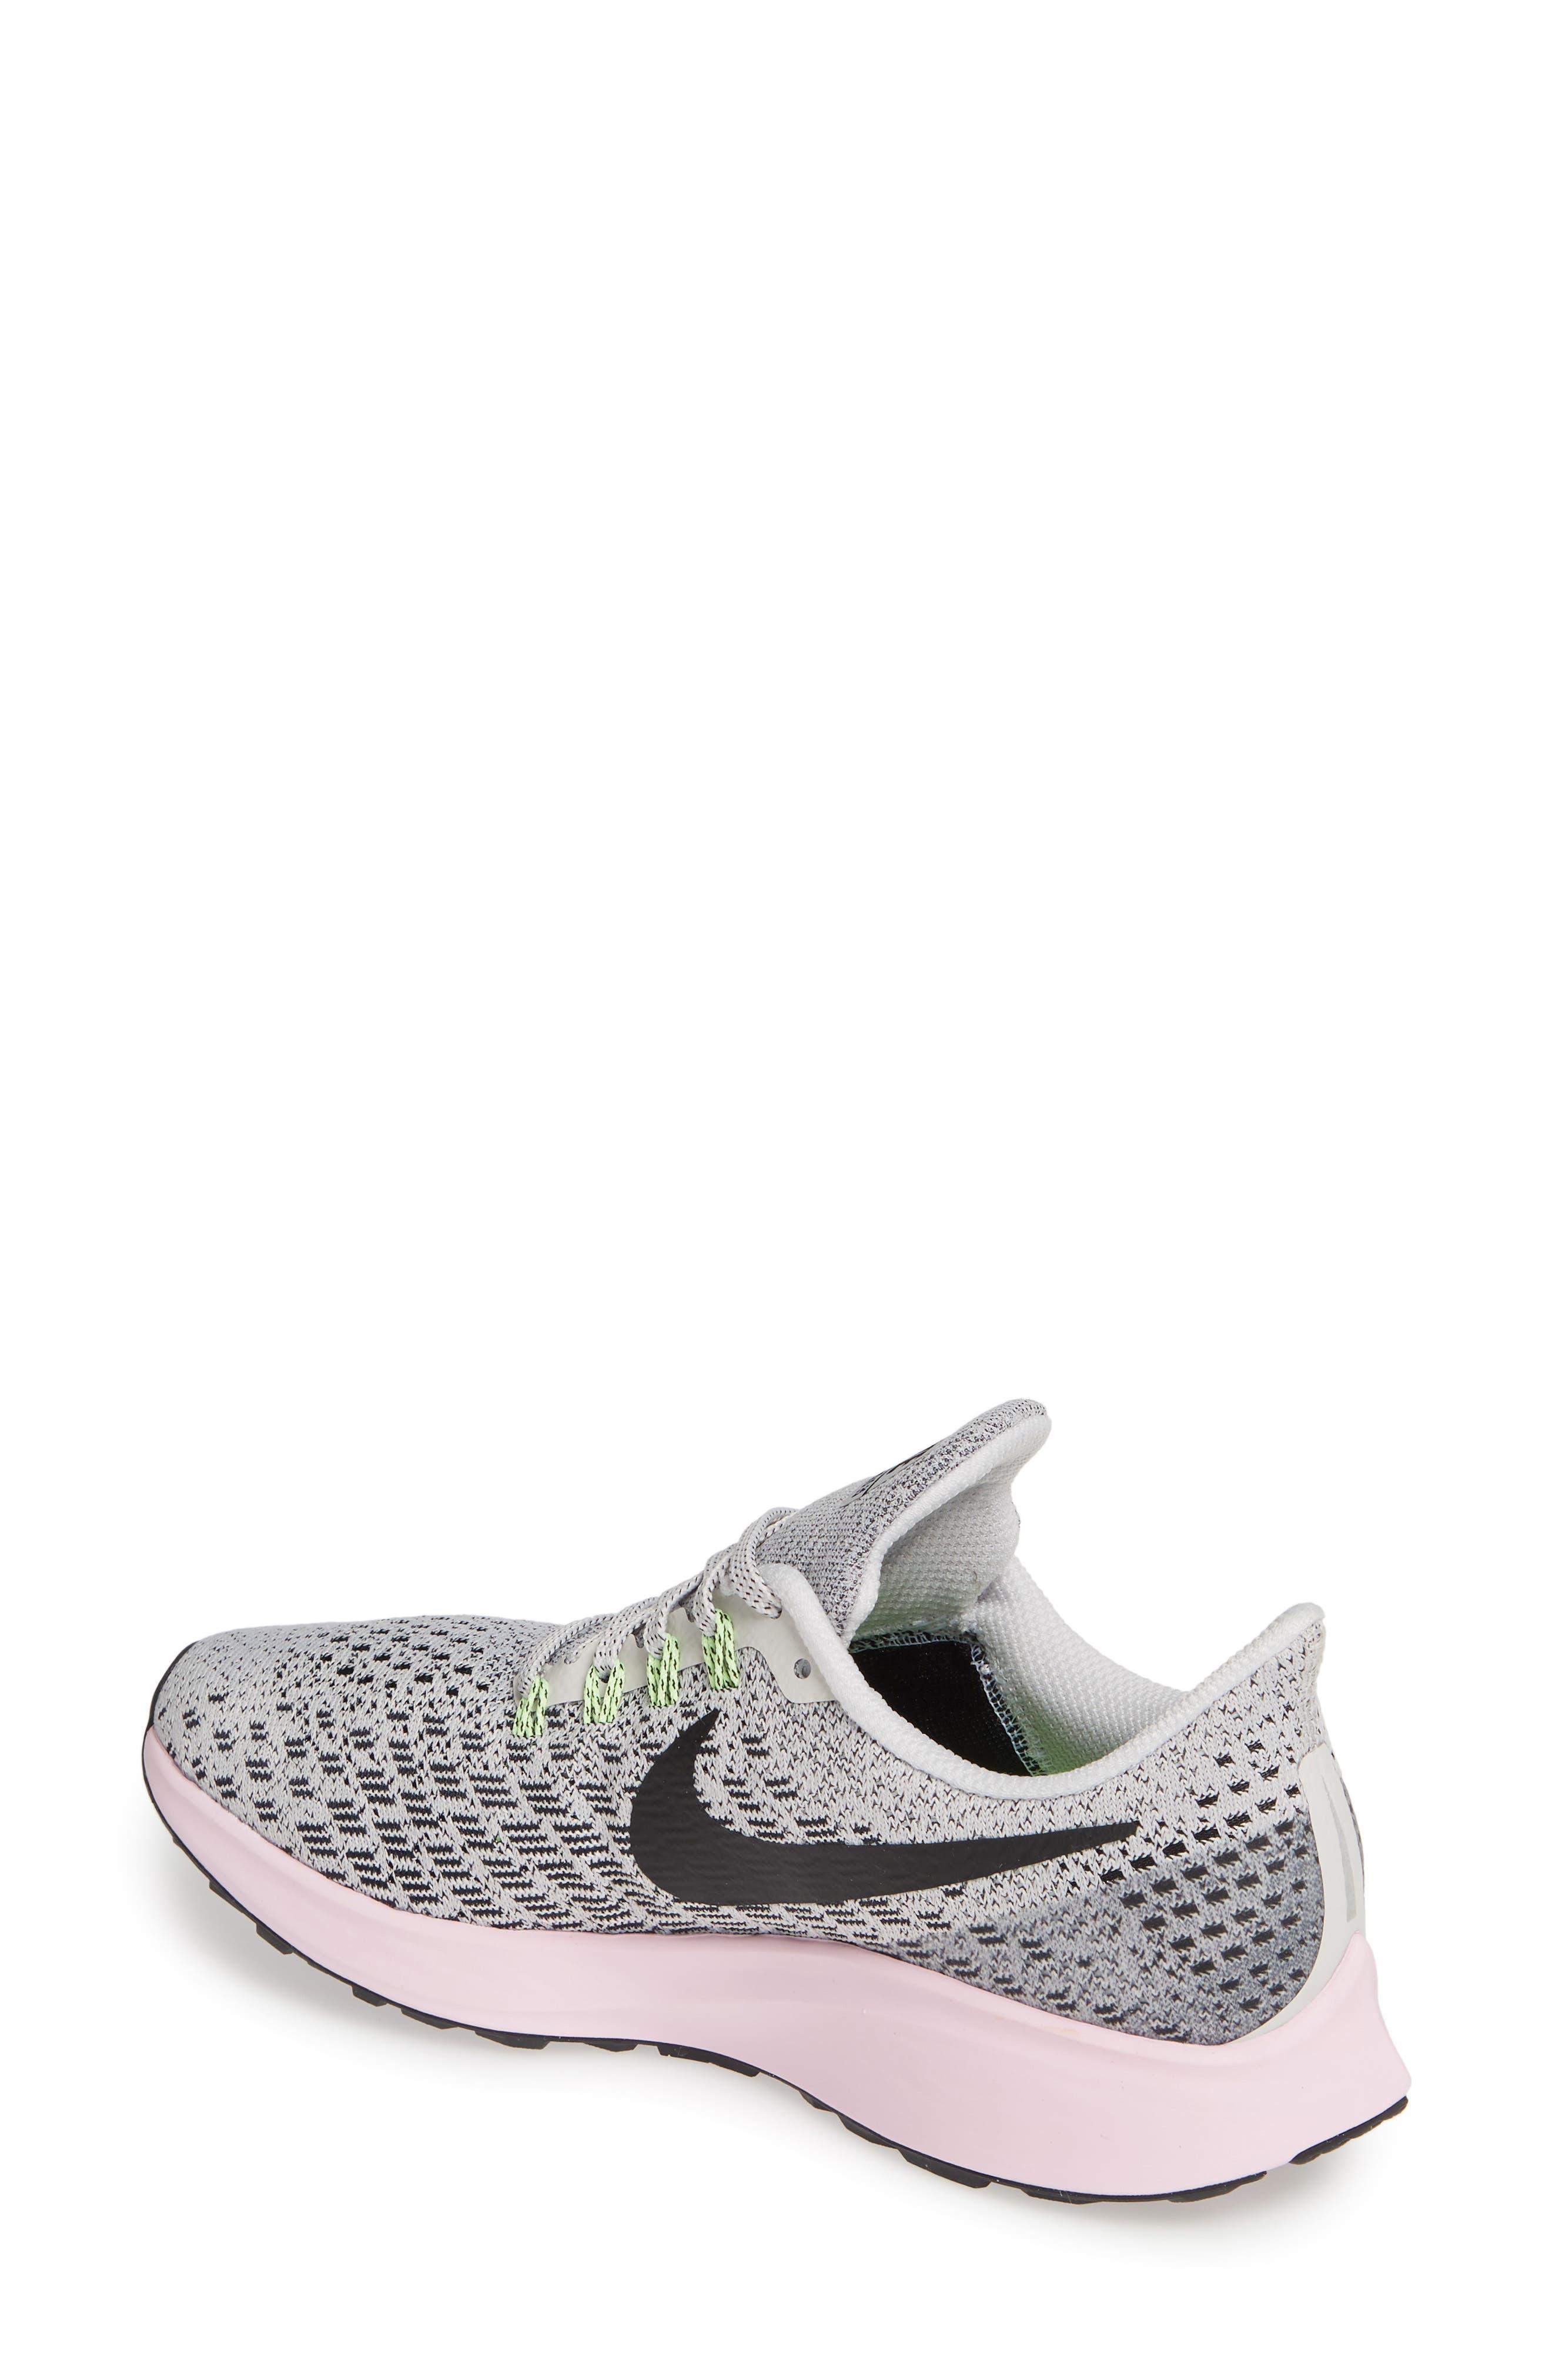 online retailer d0234 1efe5 Nike Sale   Nordstrom